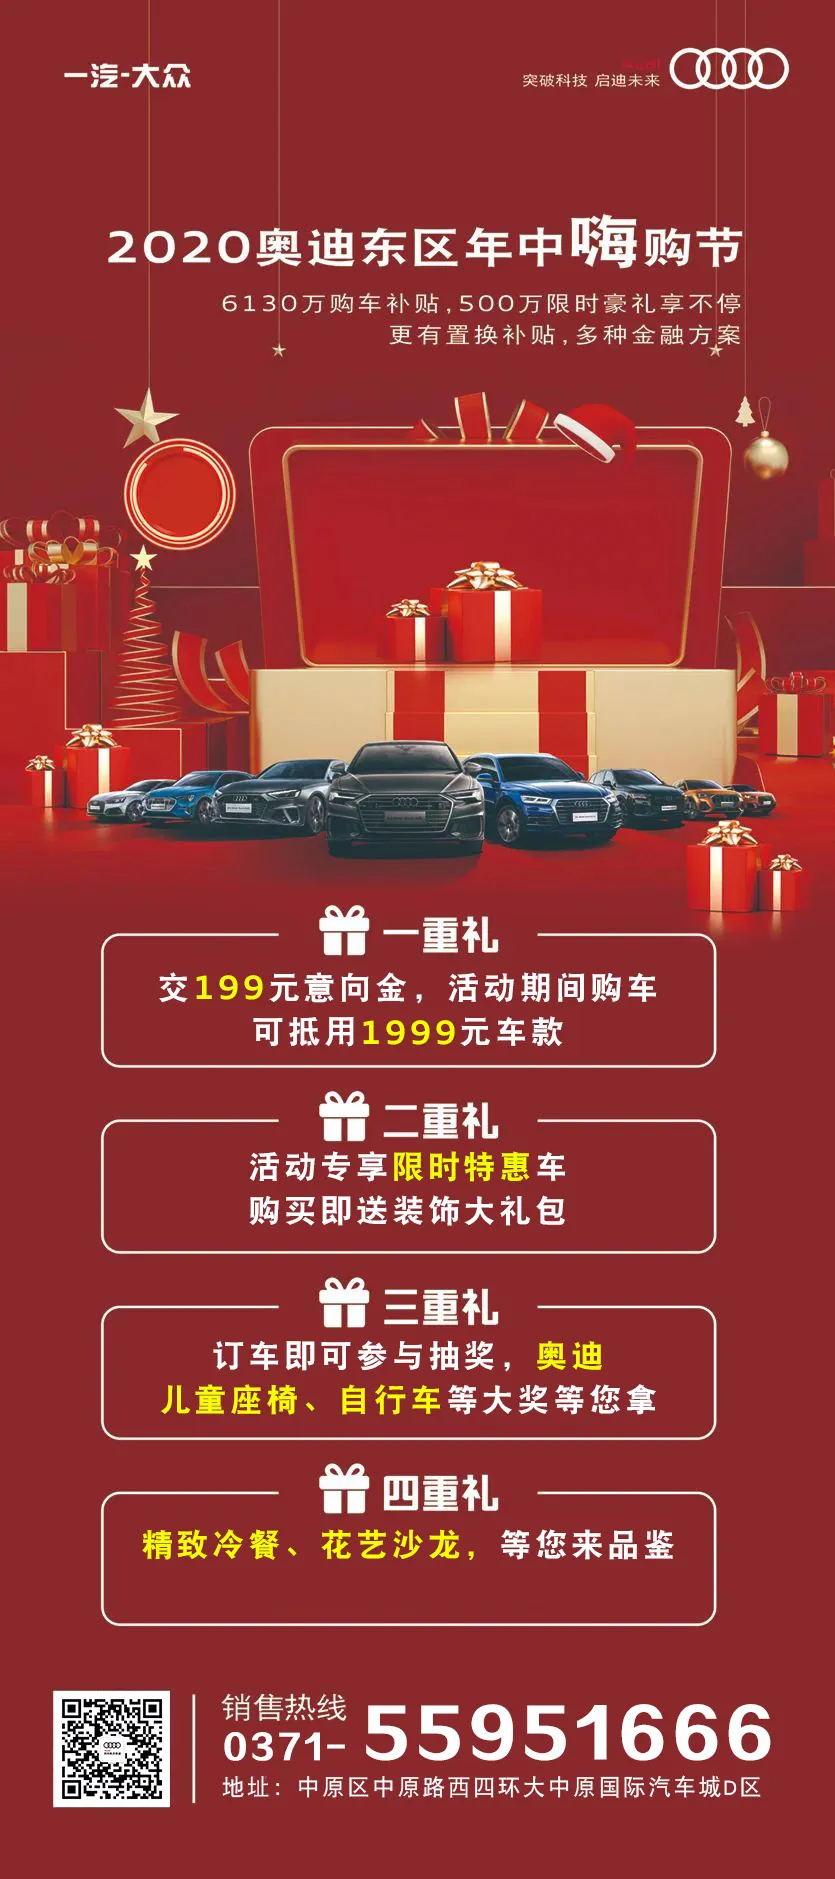 奥泽奥迪店 6.13年中嗨购节!6130万购车补贴,500万限时豪礼等你来拿!